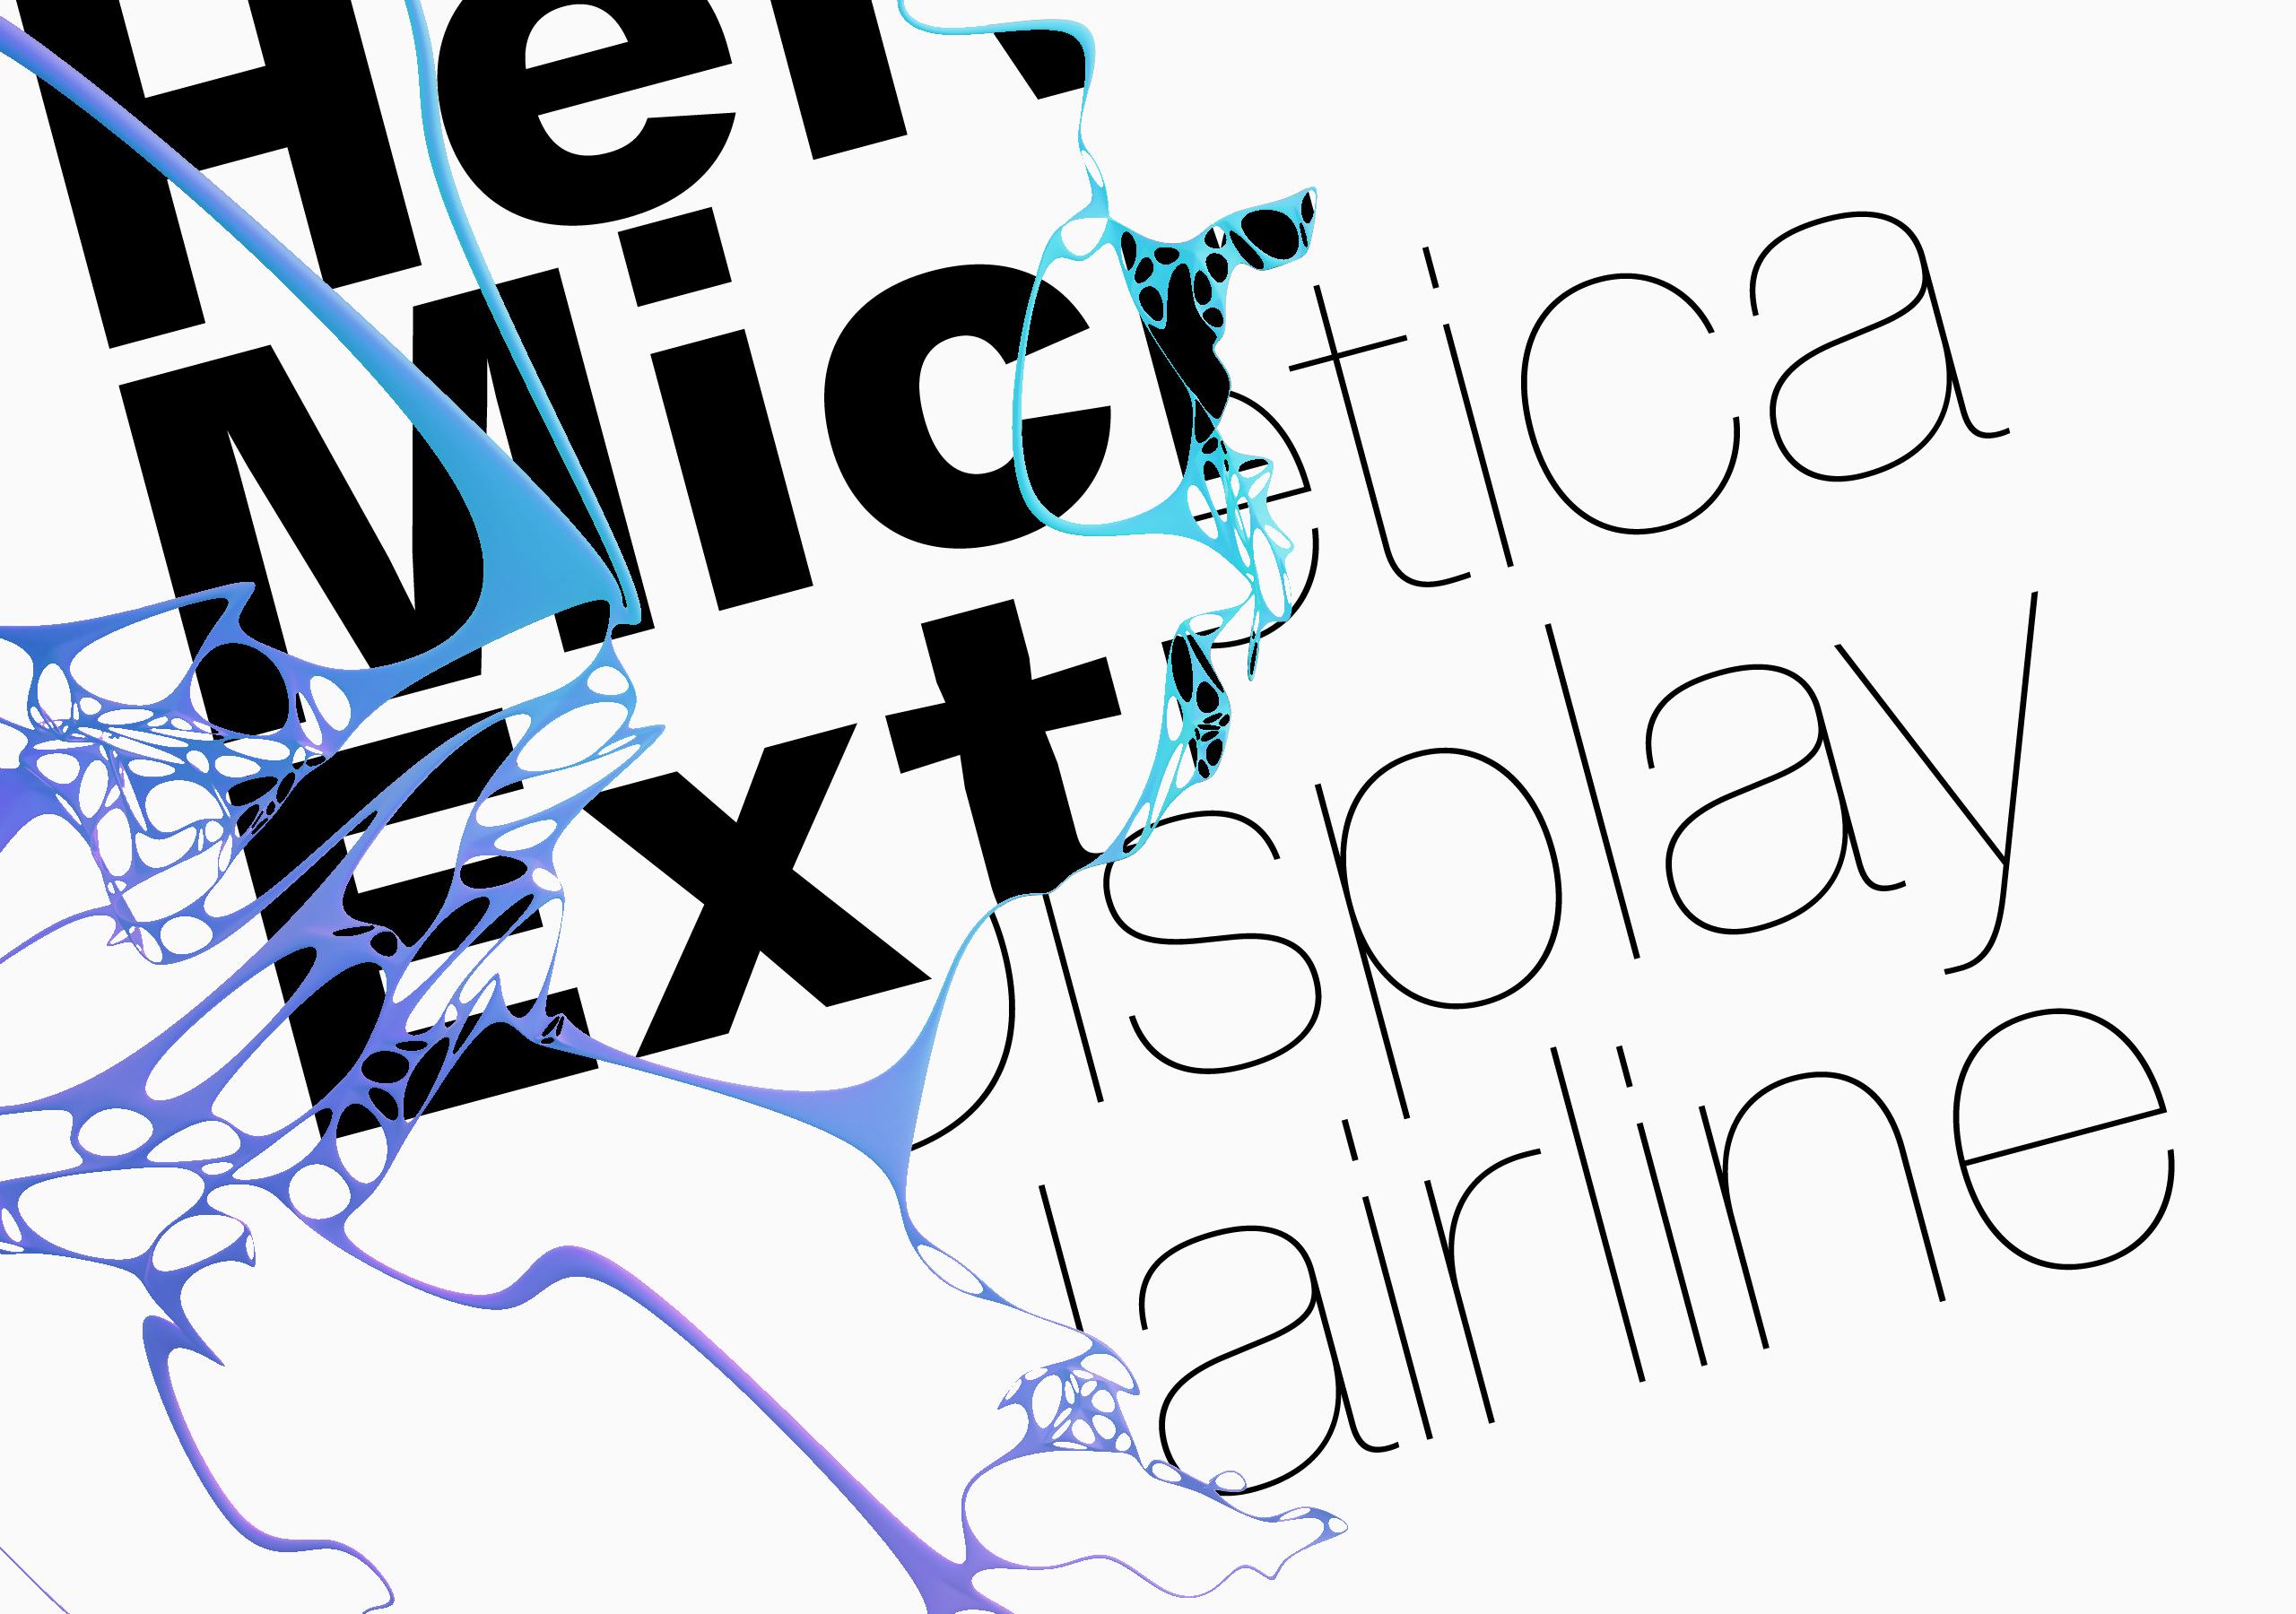 Rediseño de la Helvetica para conseguir su versatilidad